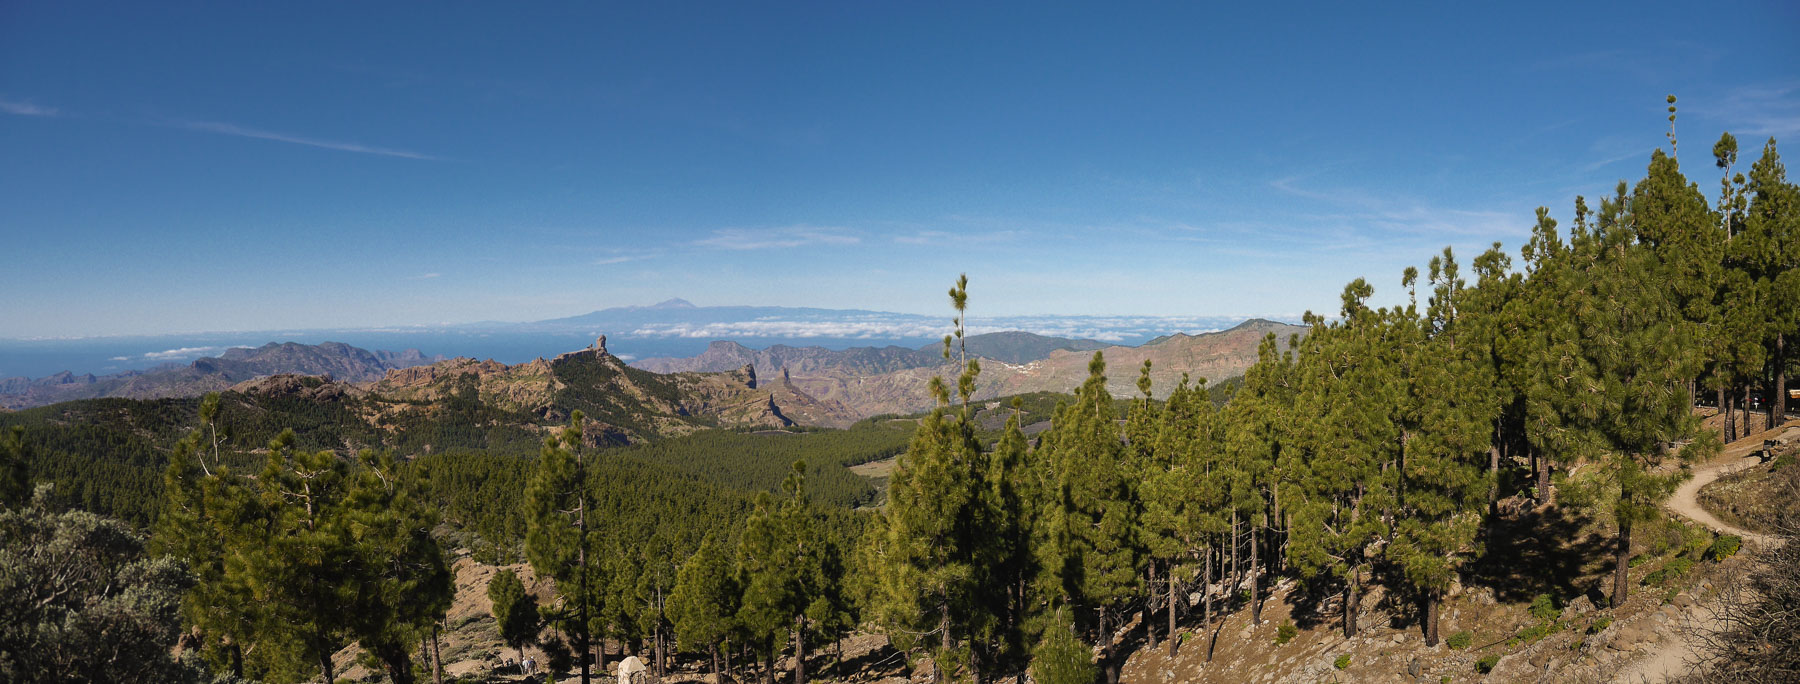 Blick auf den Roque Nublo vom Pico de las Nieves